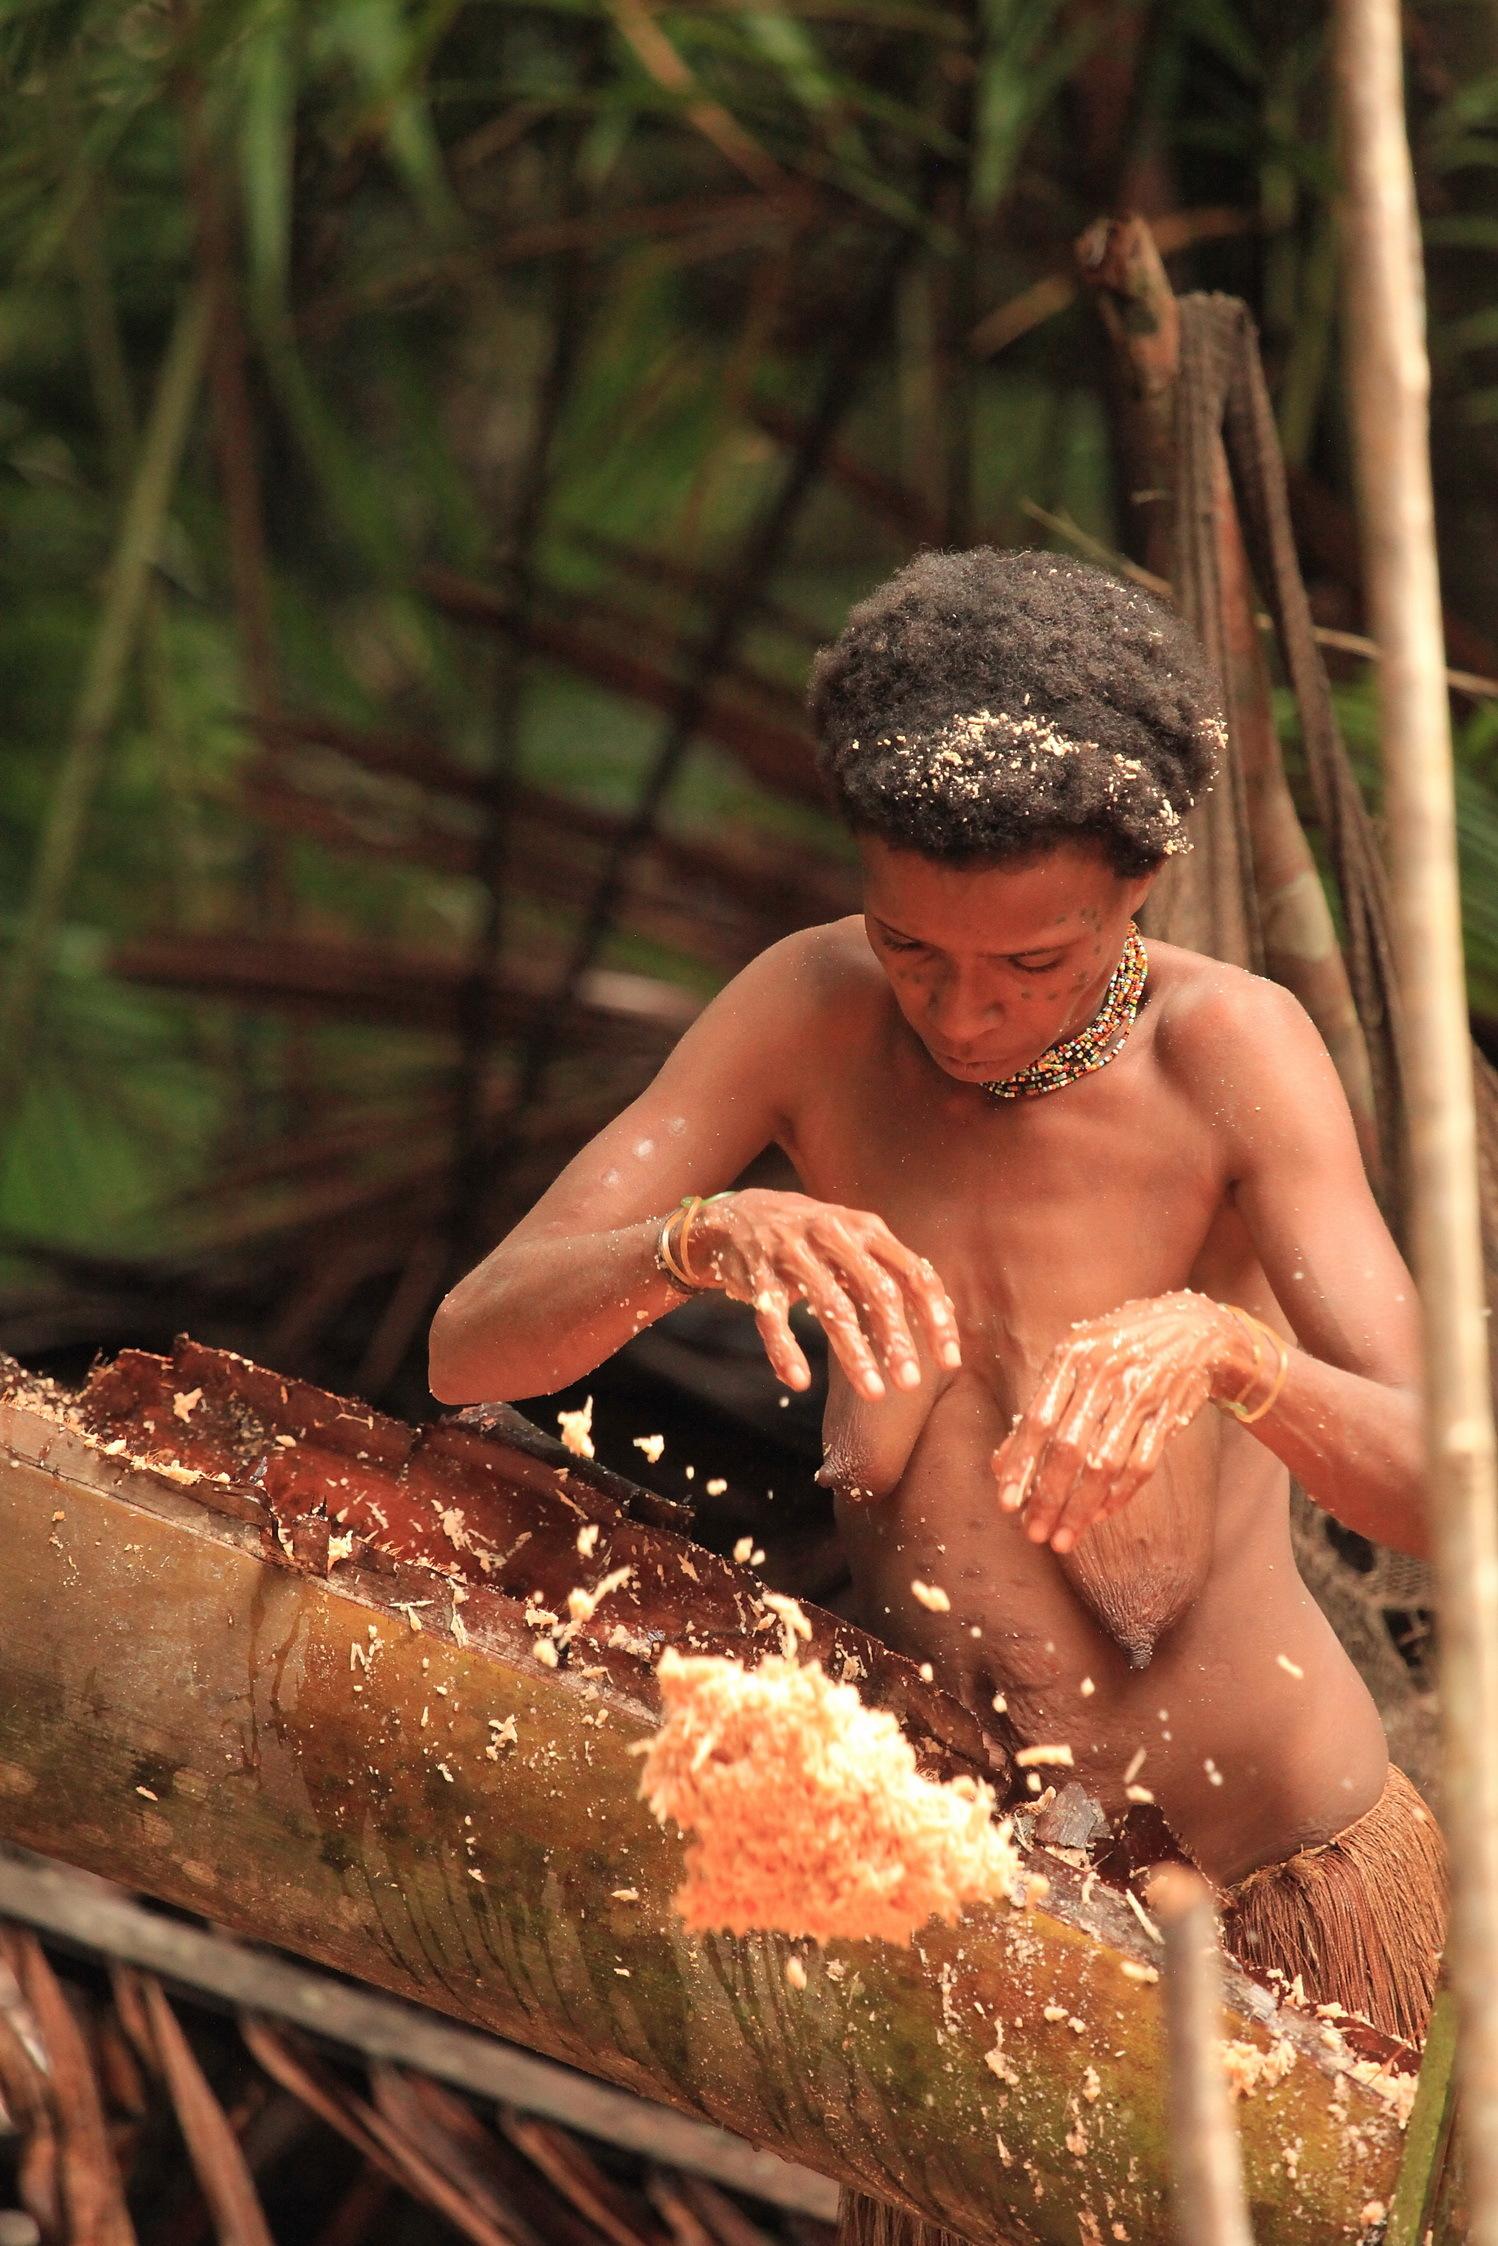 торт без фото мужчина племени каравай все военные